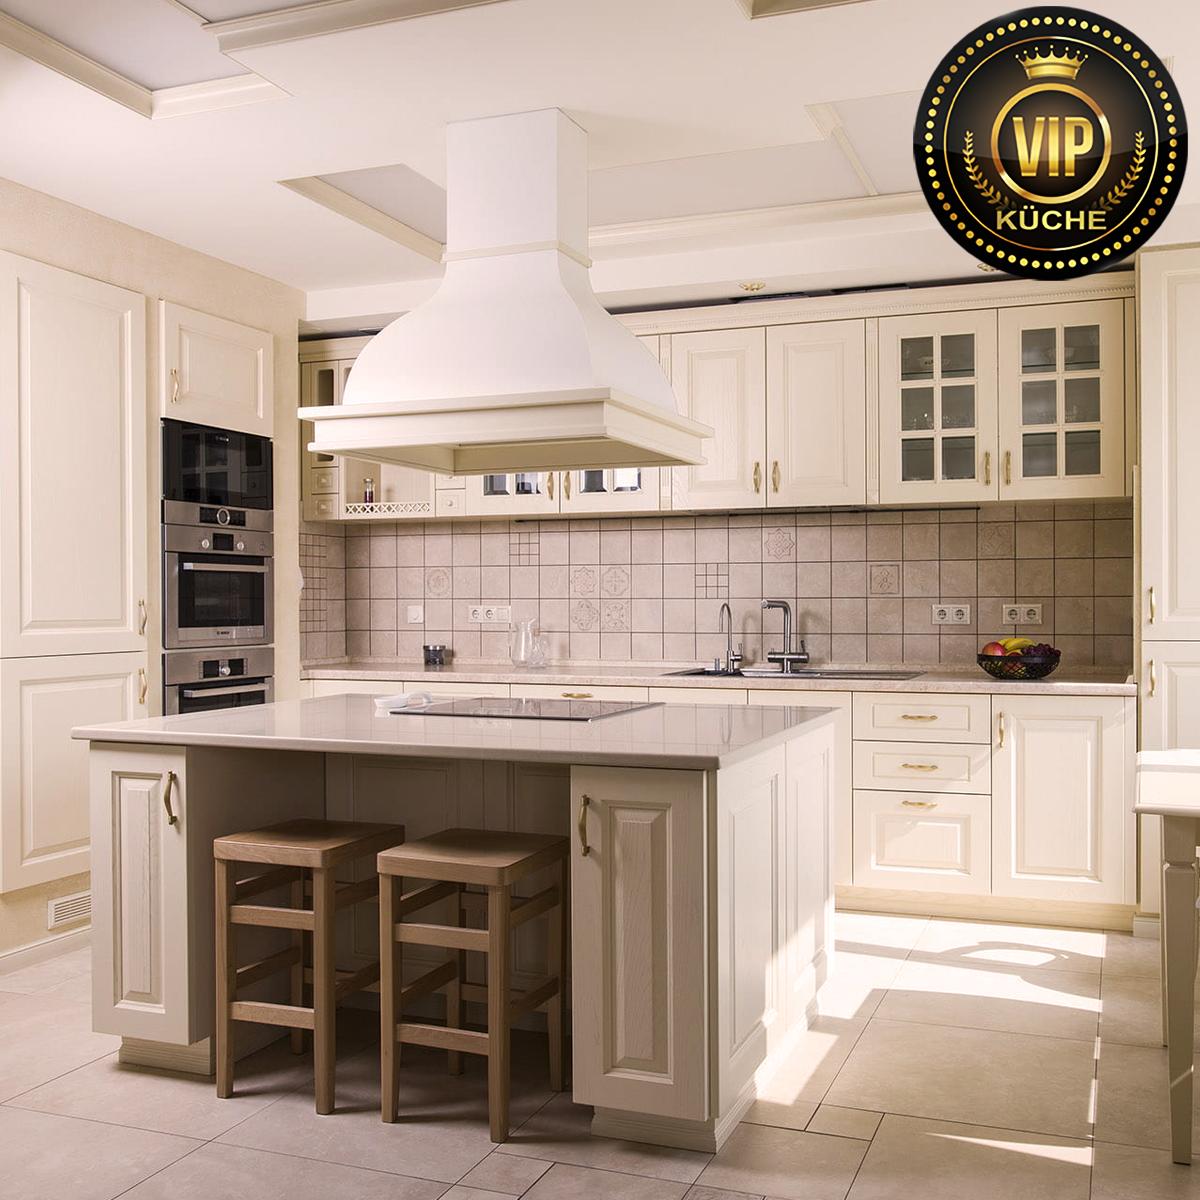 küche kaufen landhausstil massivholzküche mediterran beige küche creme